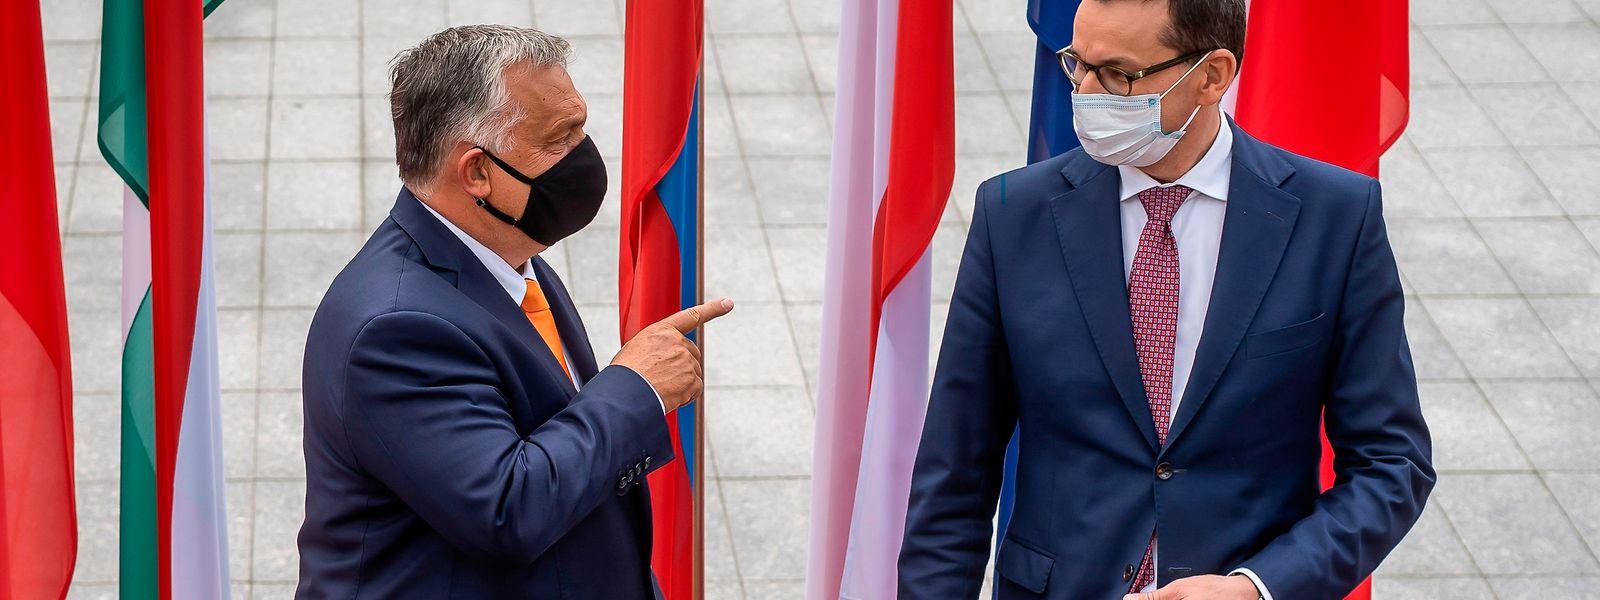 O primeiro-ministro polaco, Mateusz Morawiecki, (à direita) recebeu em setembro passado o homólogo húngaro Viktor Orban (à esquerda) em Lublin.